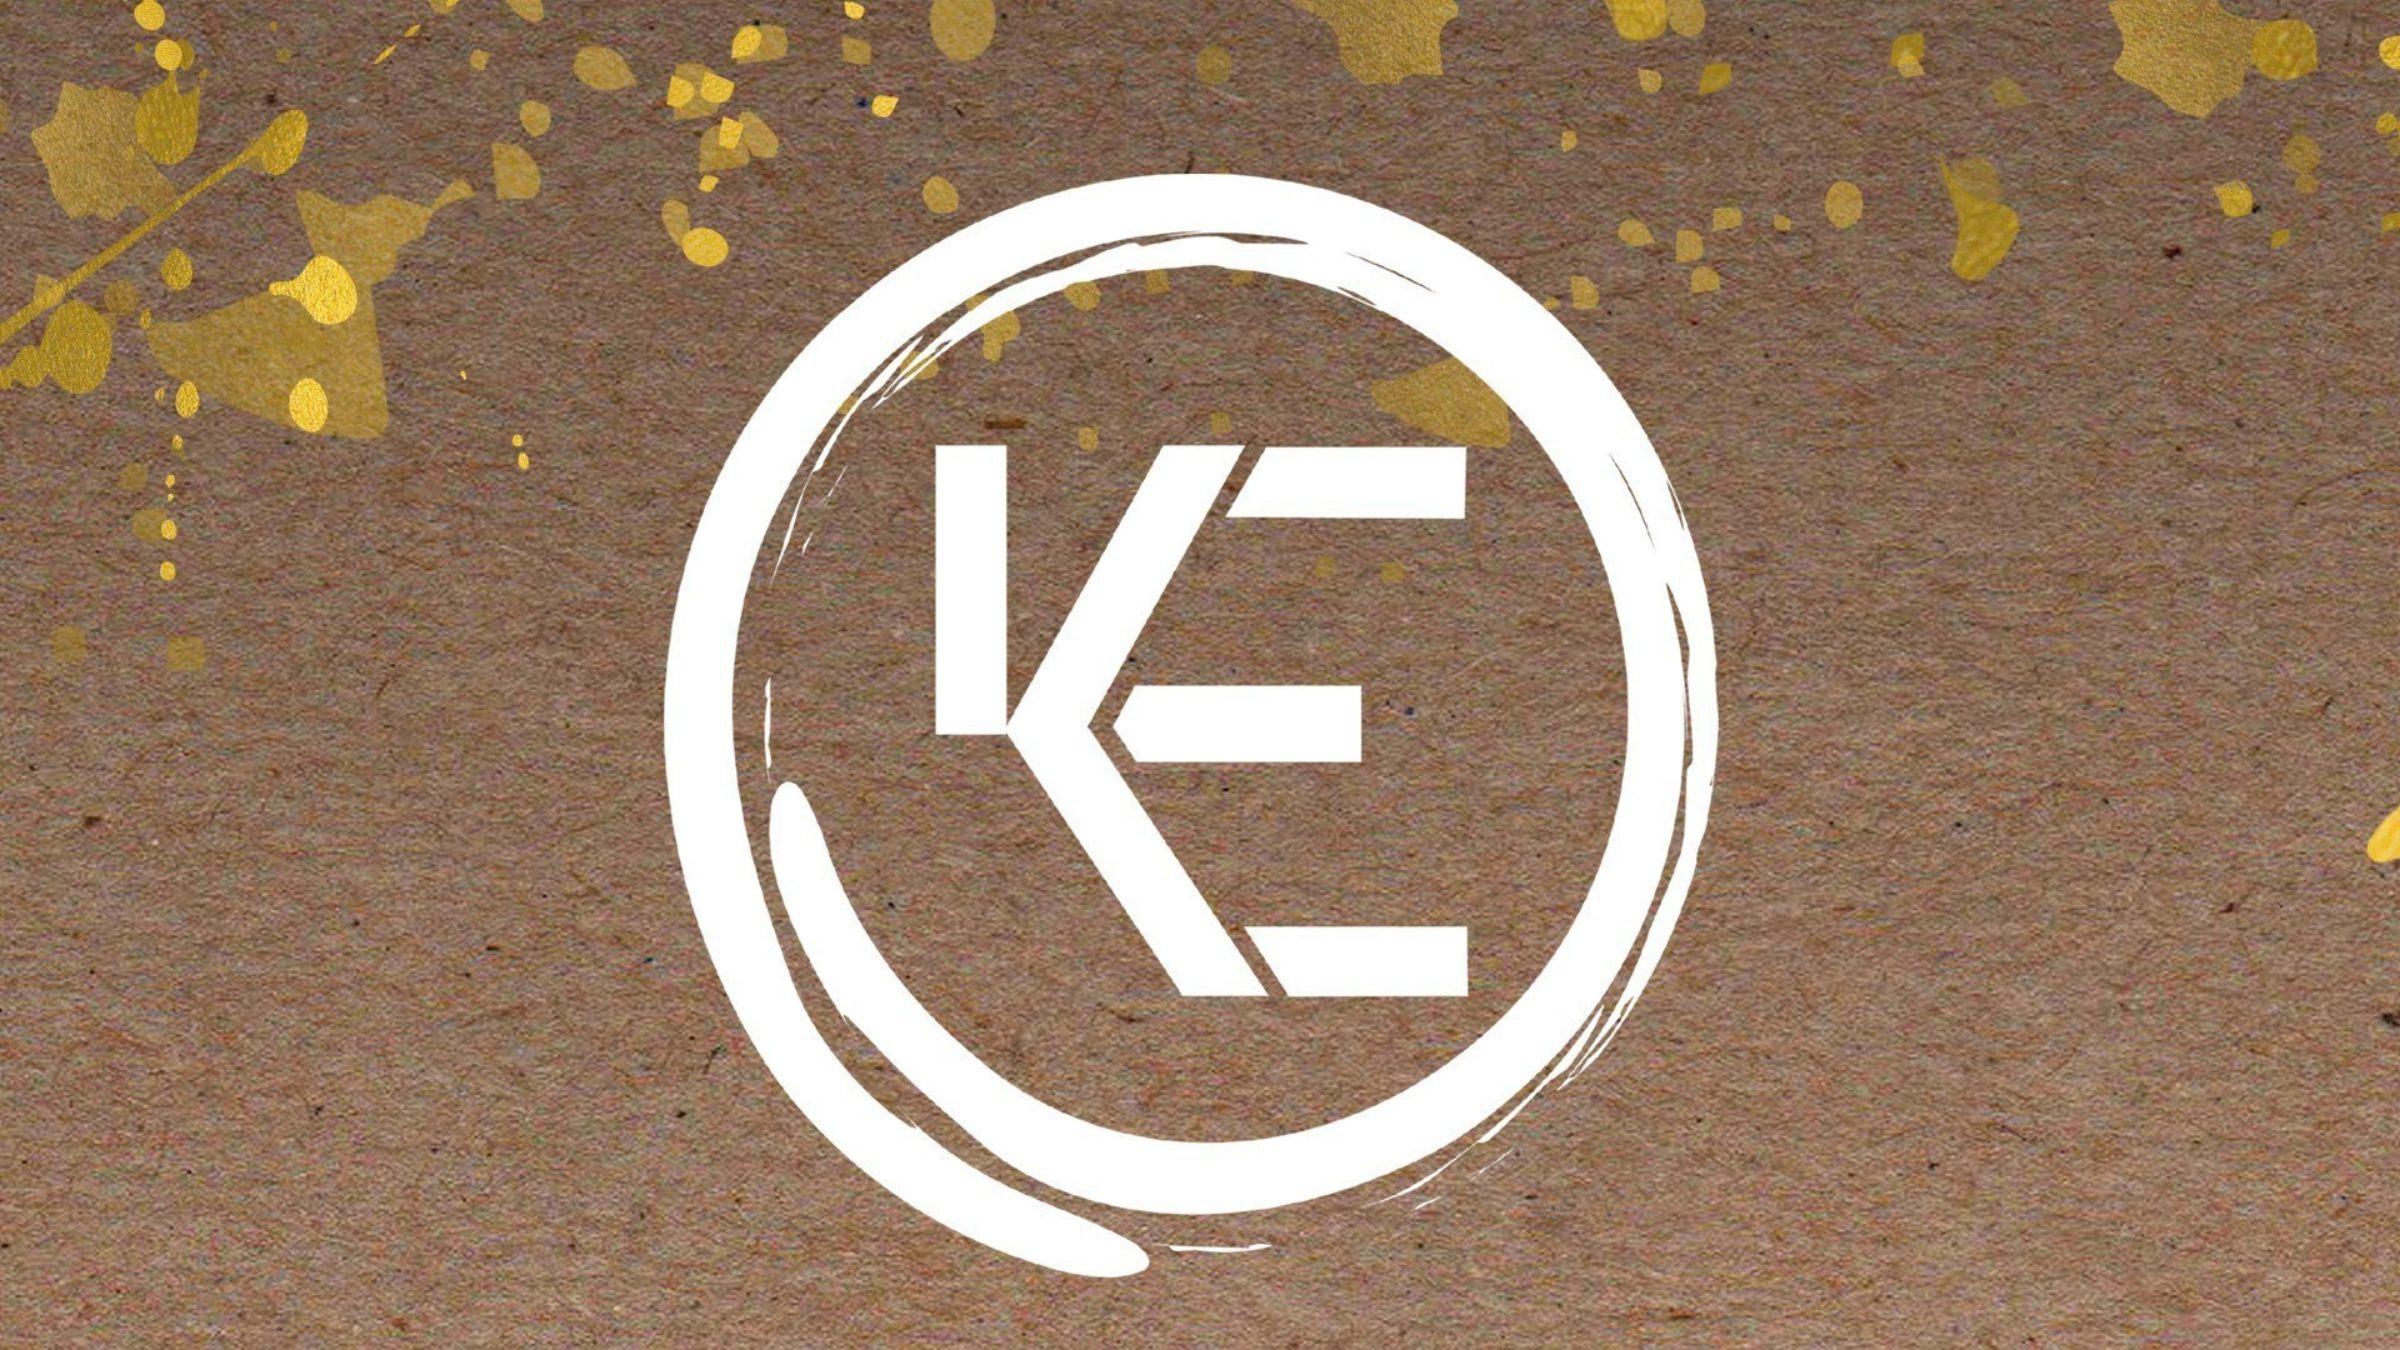 Kiz Eccentric 2495 1553505250 35hxekhv1j